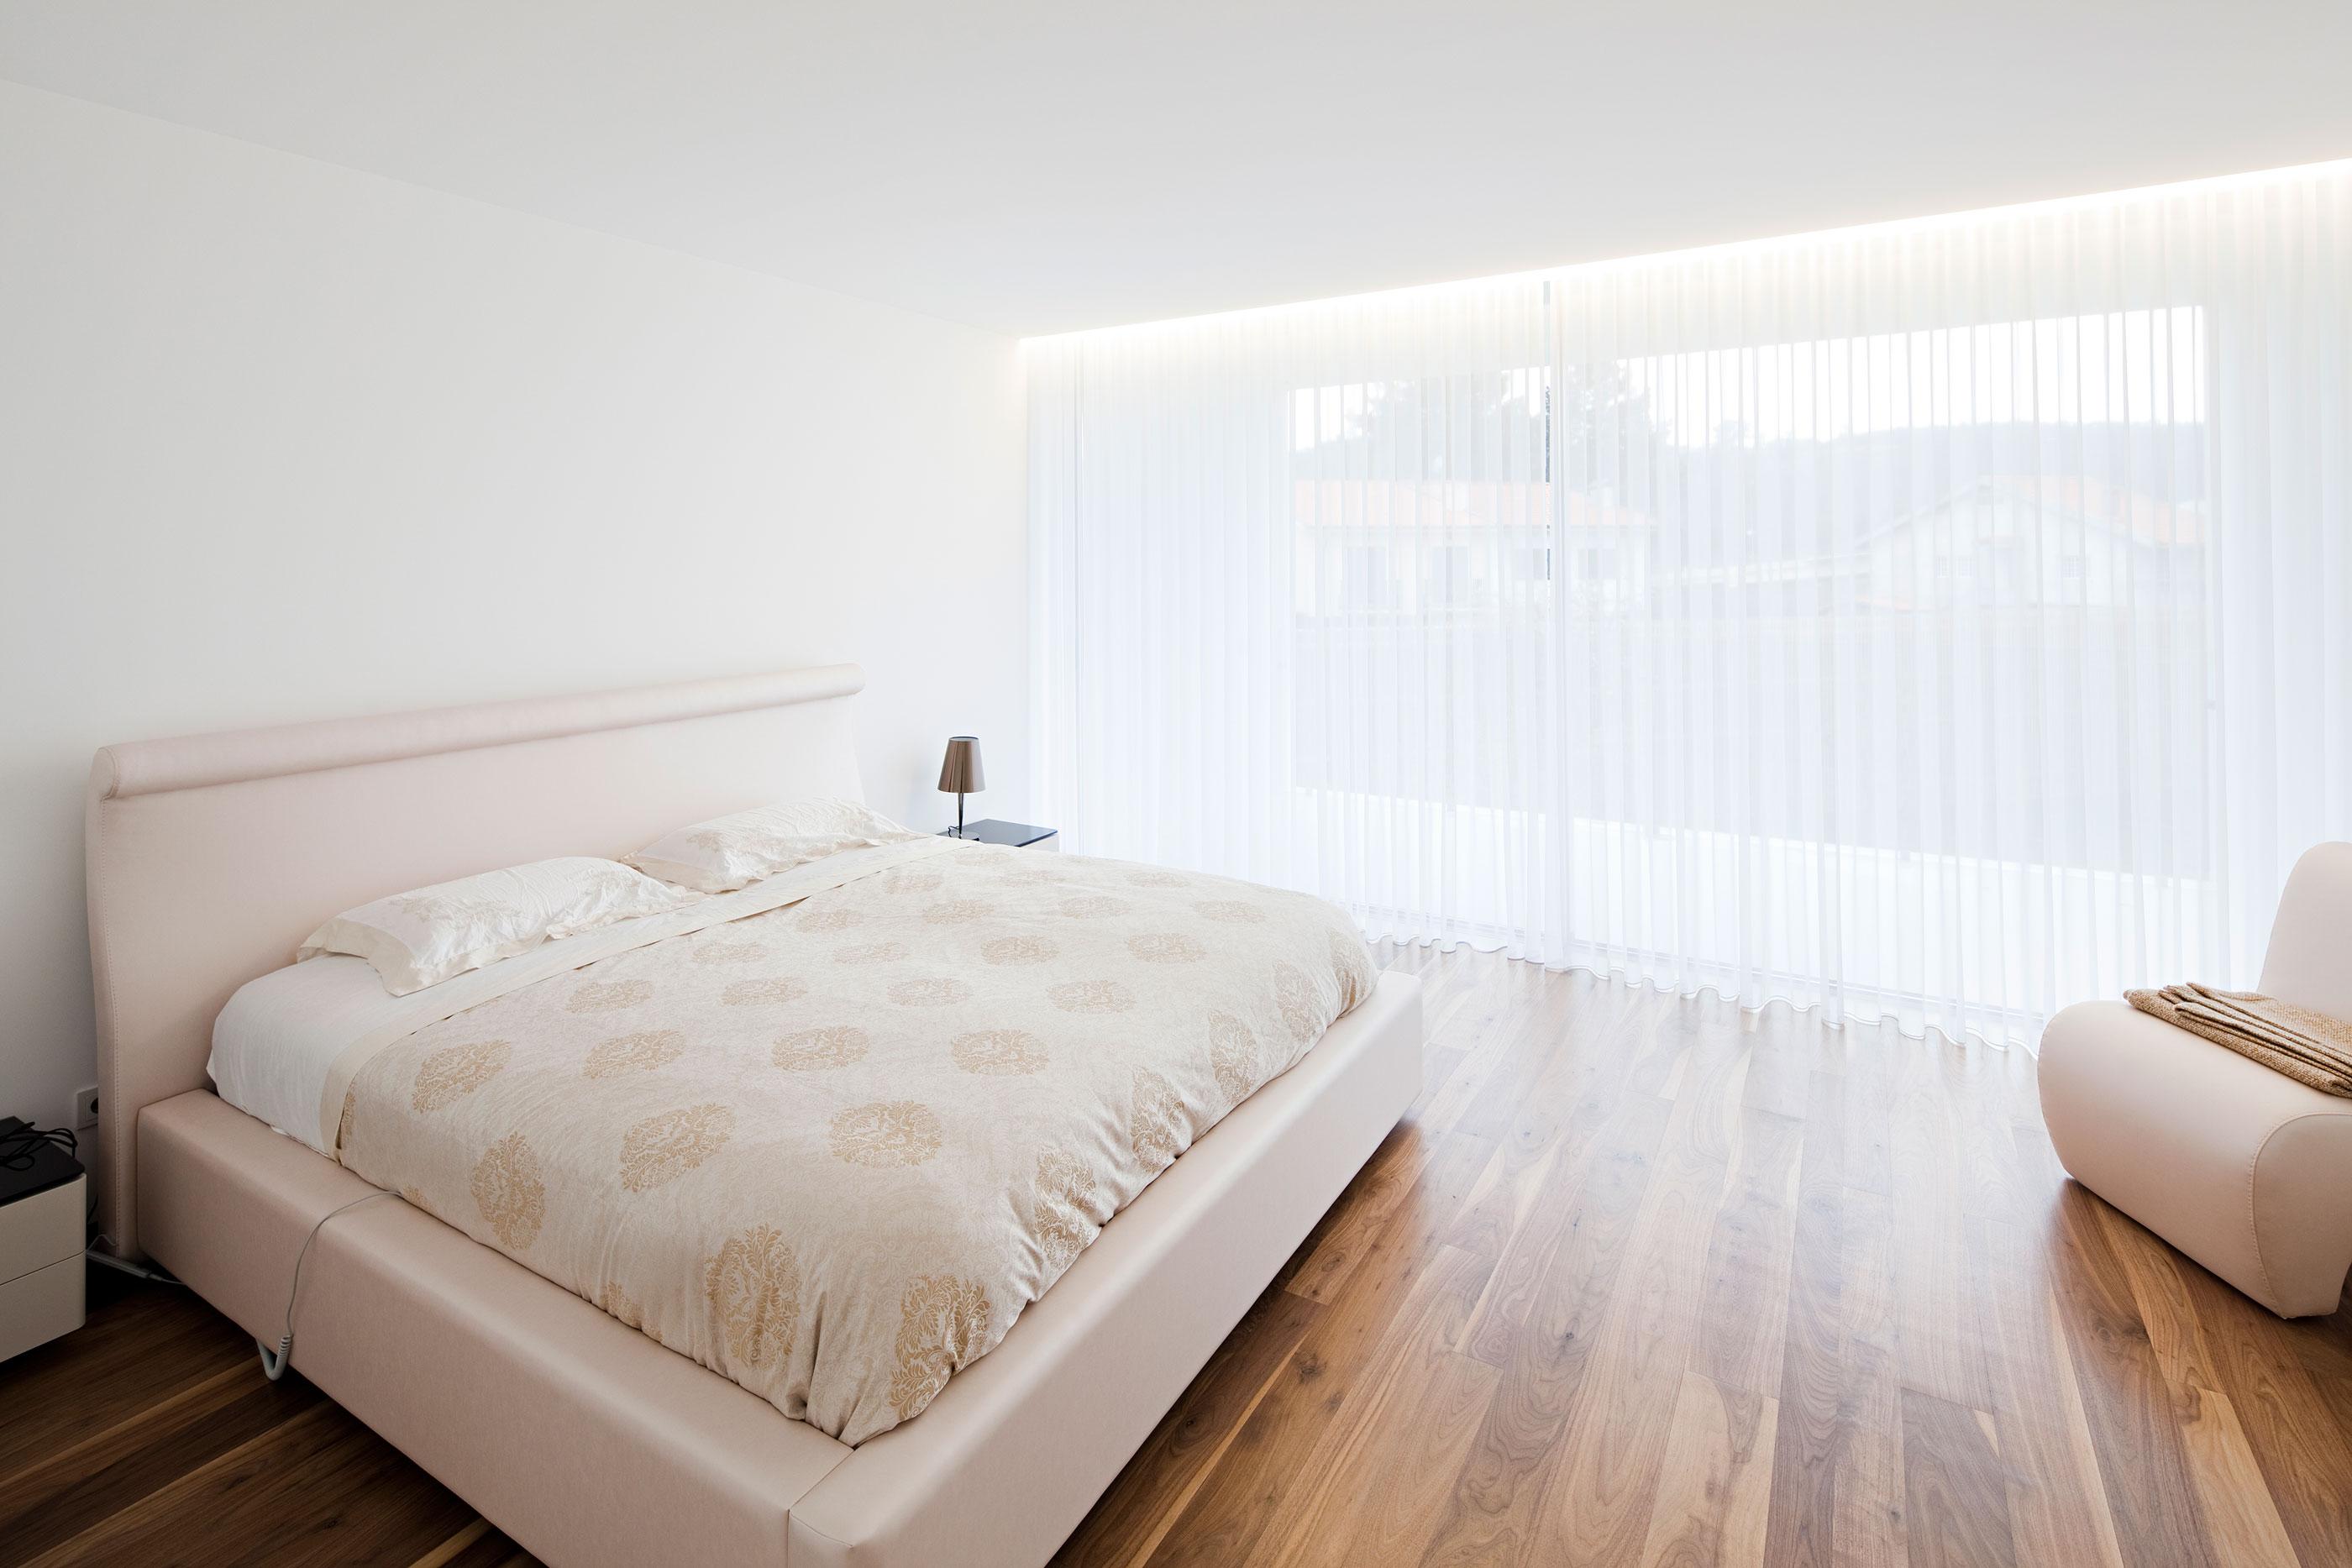 Замечательные шторы в дизайне интерьера помещения